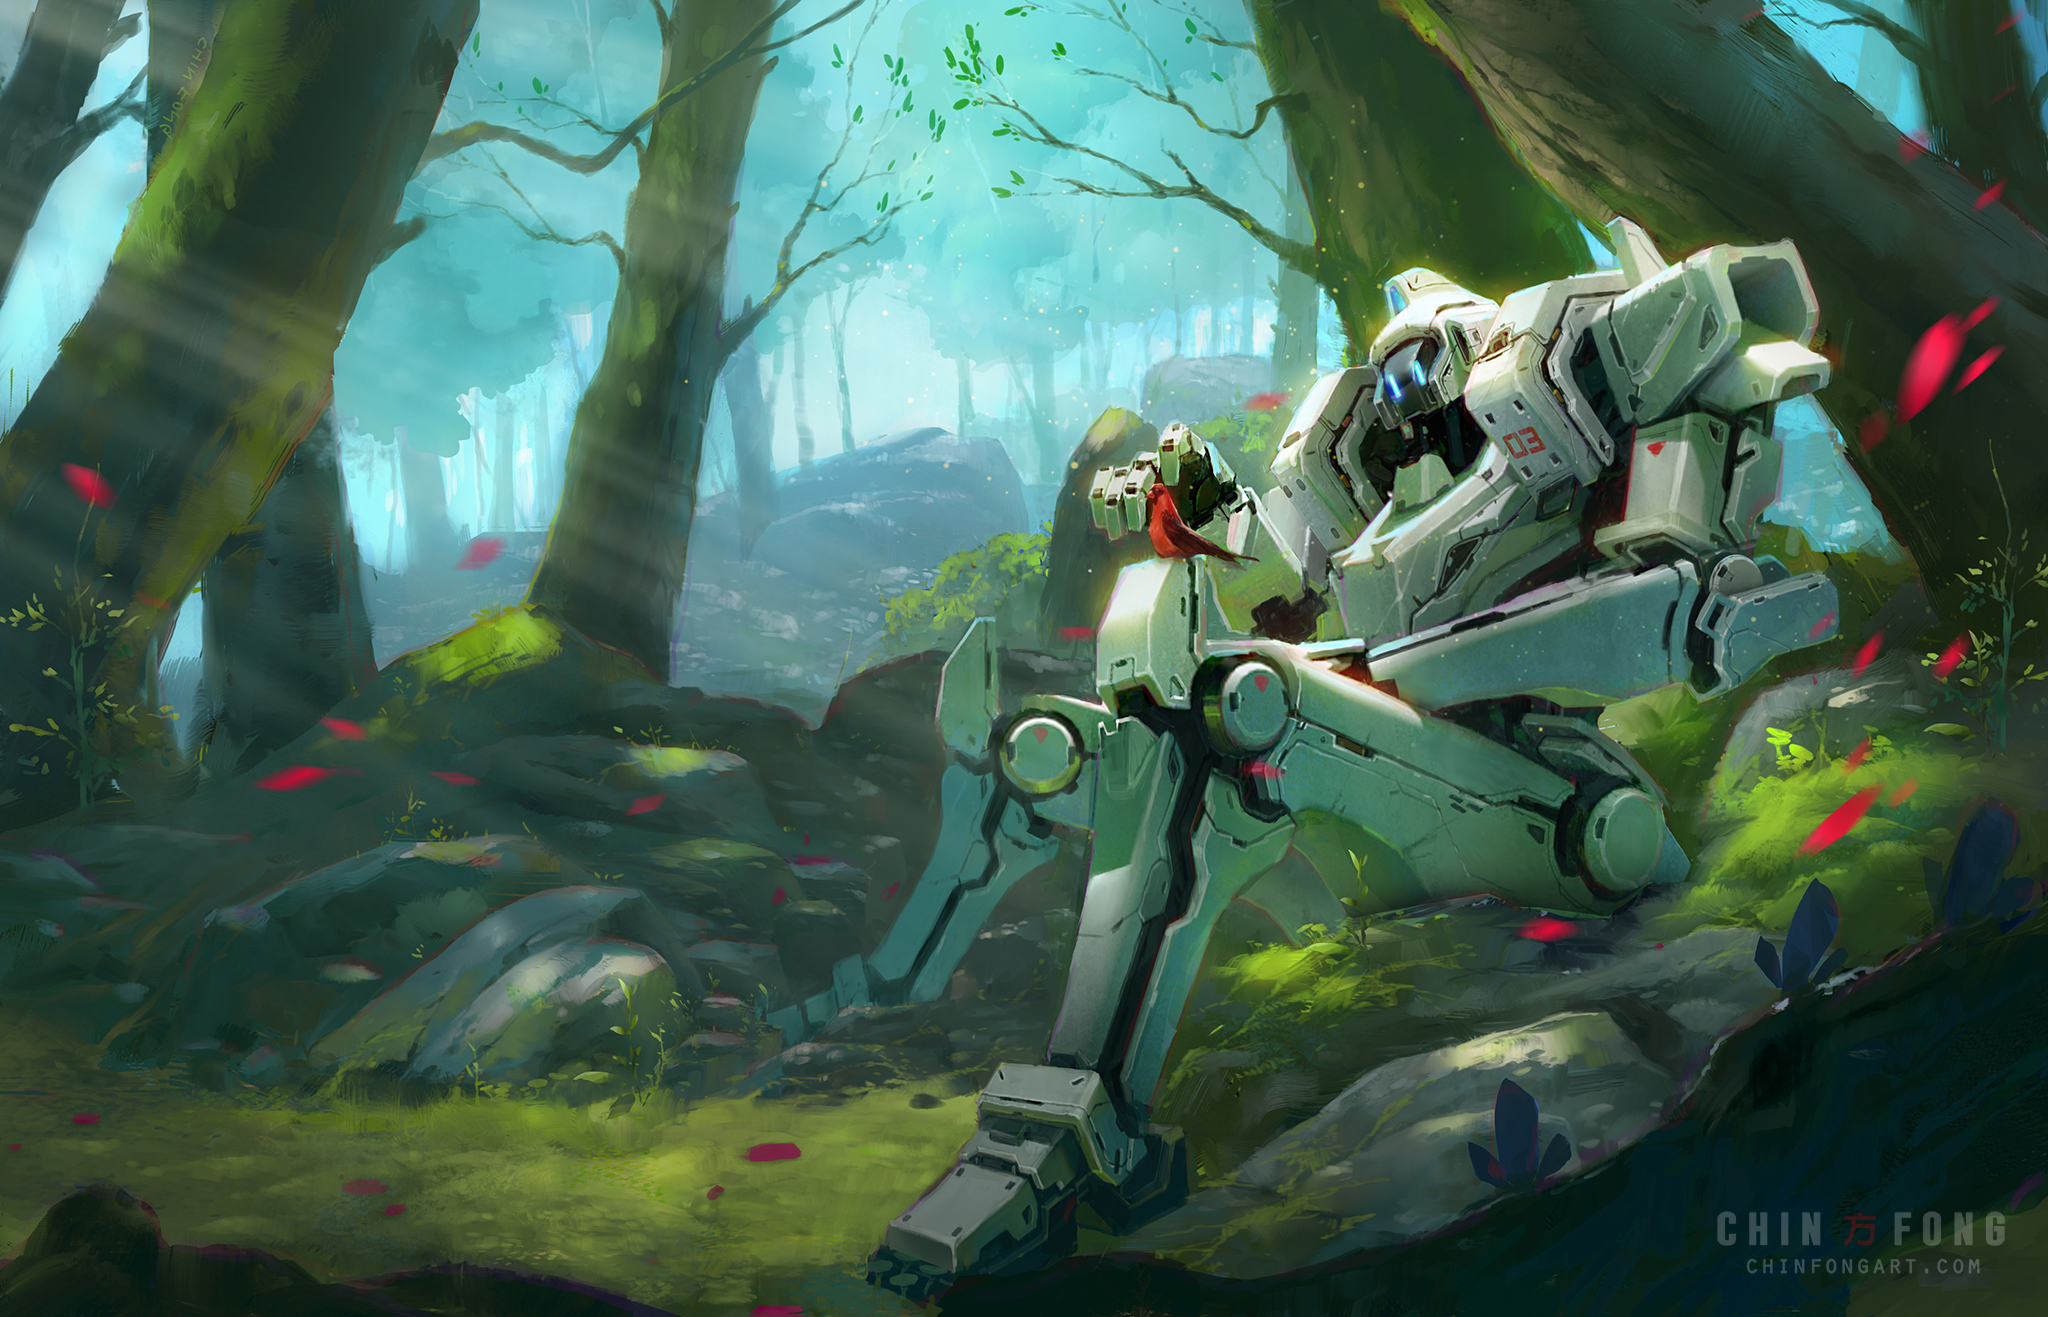 gril n robot v2 final 2k.jpg